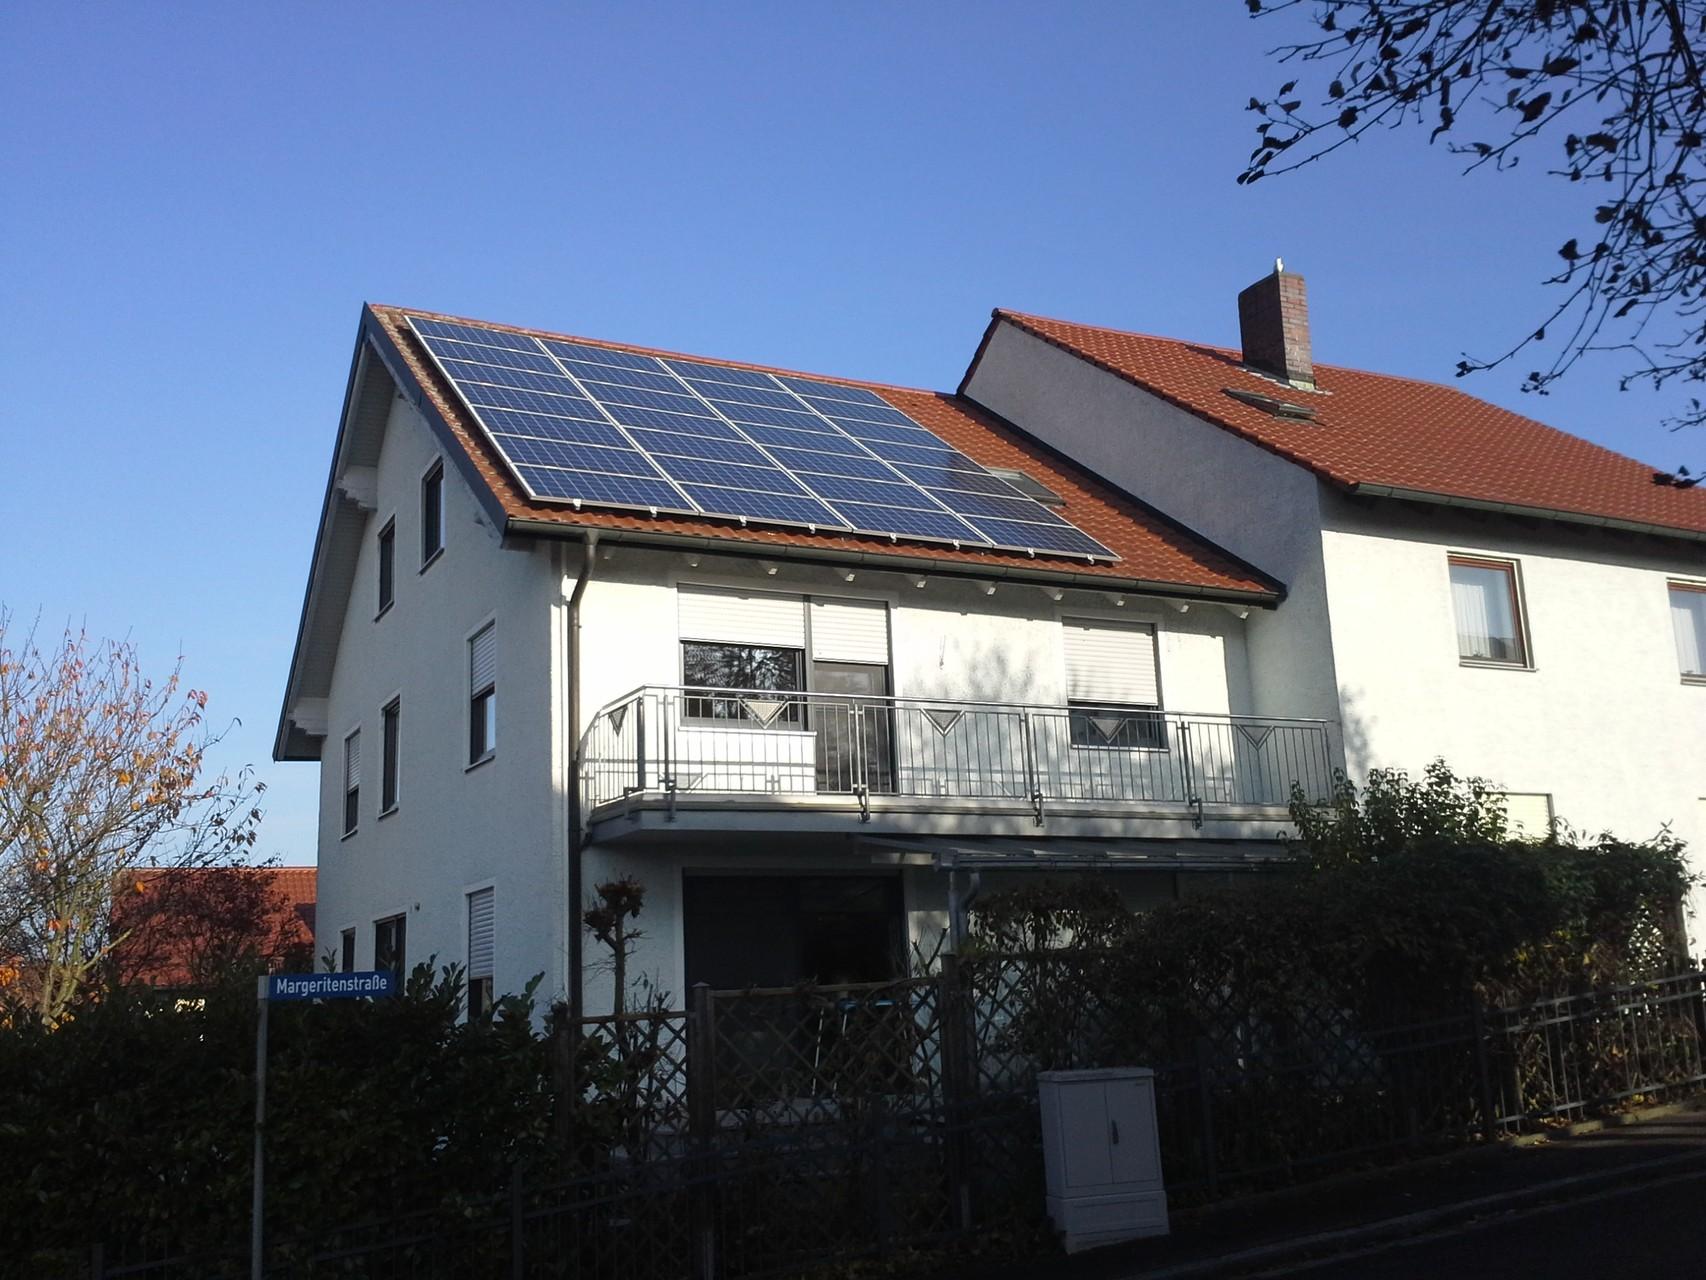 Phototovoltaikanlage 7,14 kWp in 93077 Lappersdor/Hainsacker mit Solarwatt Glas/Glas Module 30 Jahre Garantie